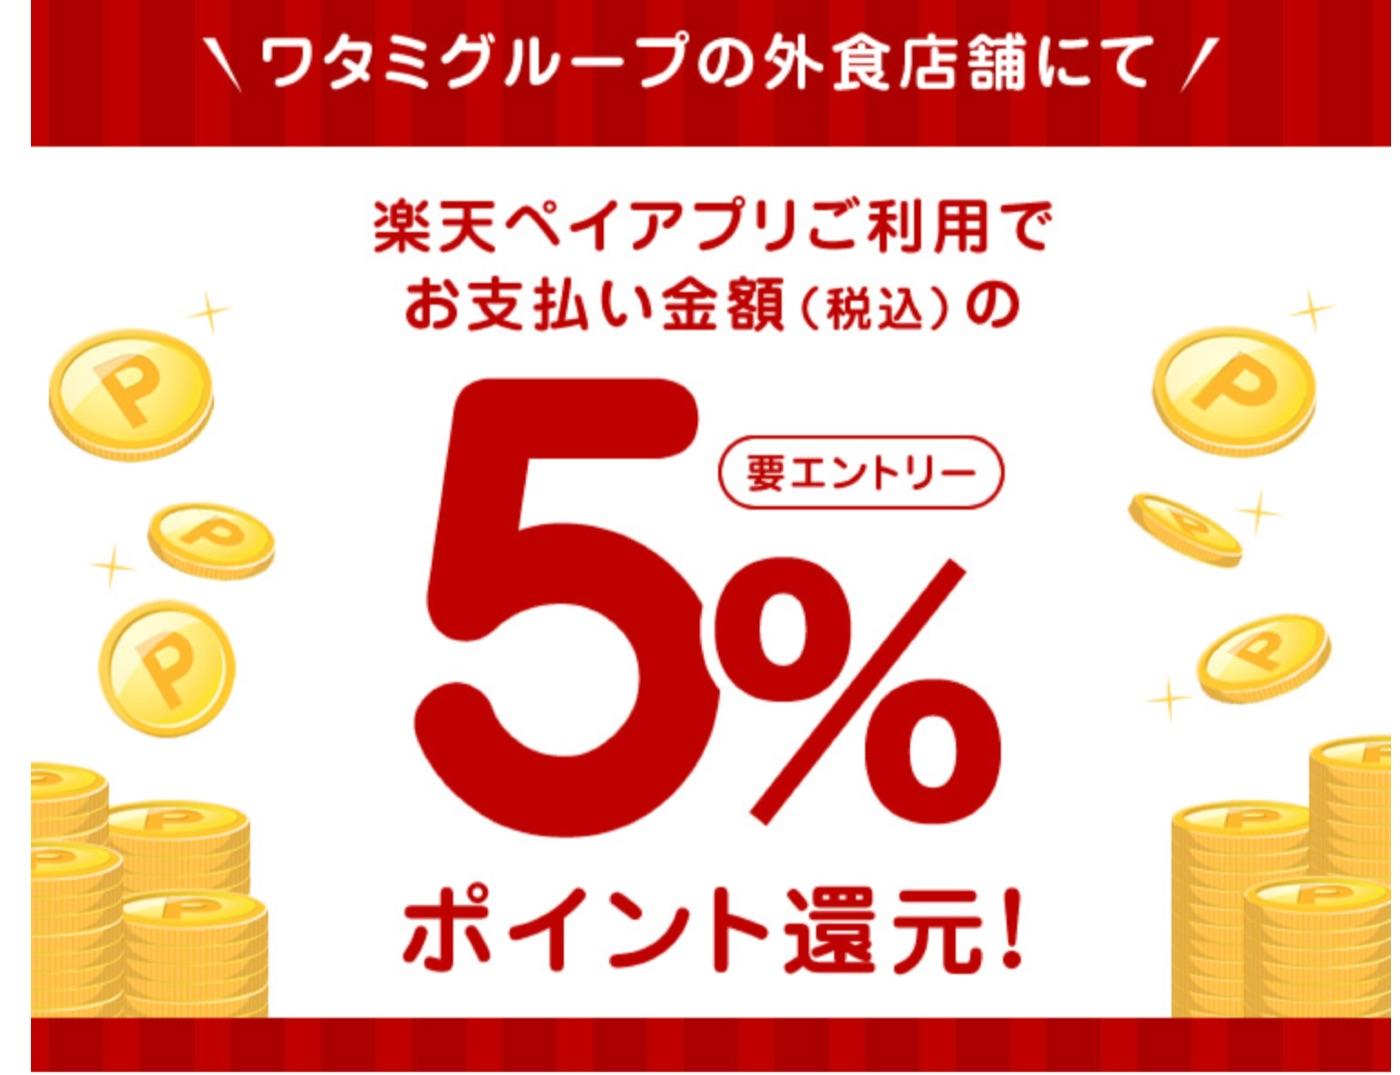 ワタミグループの外食店舗でペイするとお支払い金額の5%分のポイントプレゼント